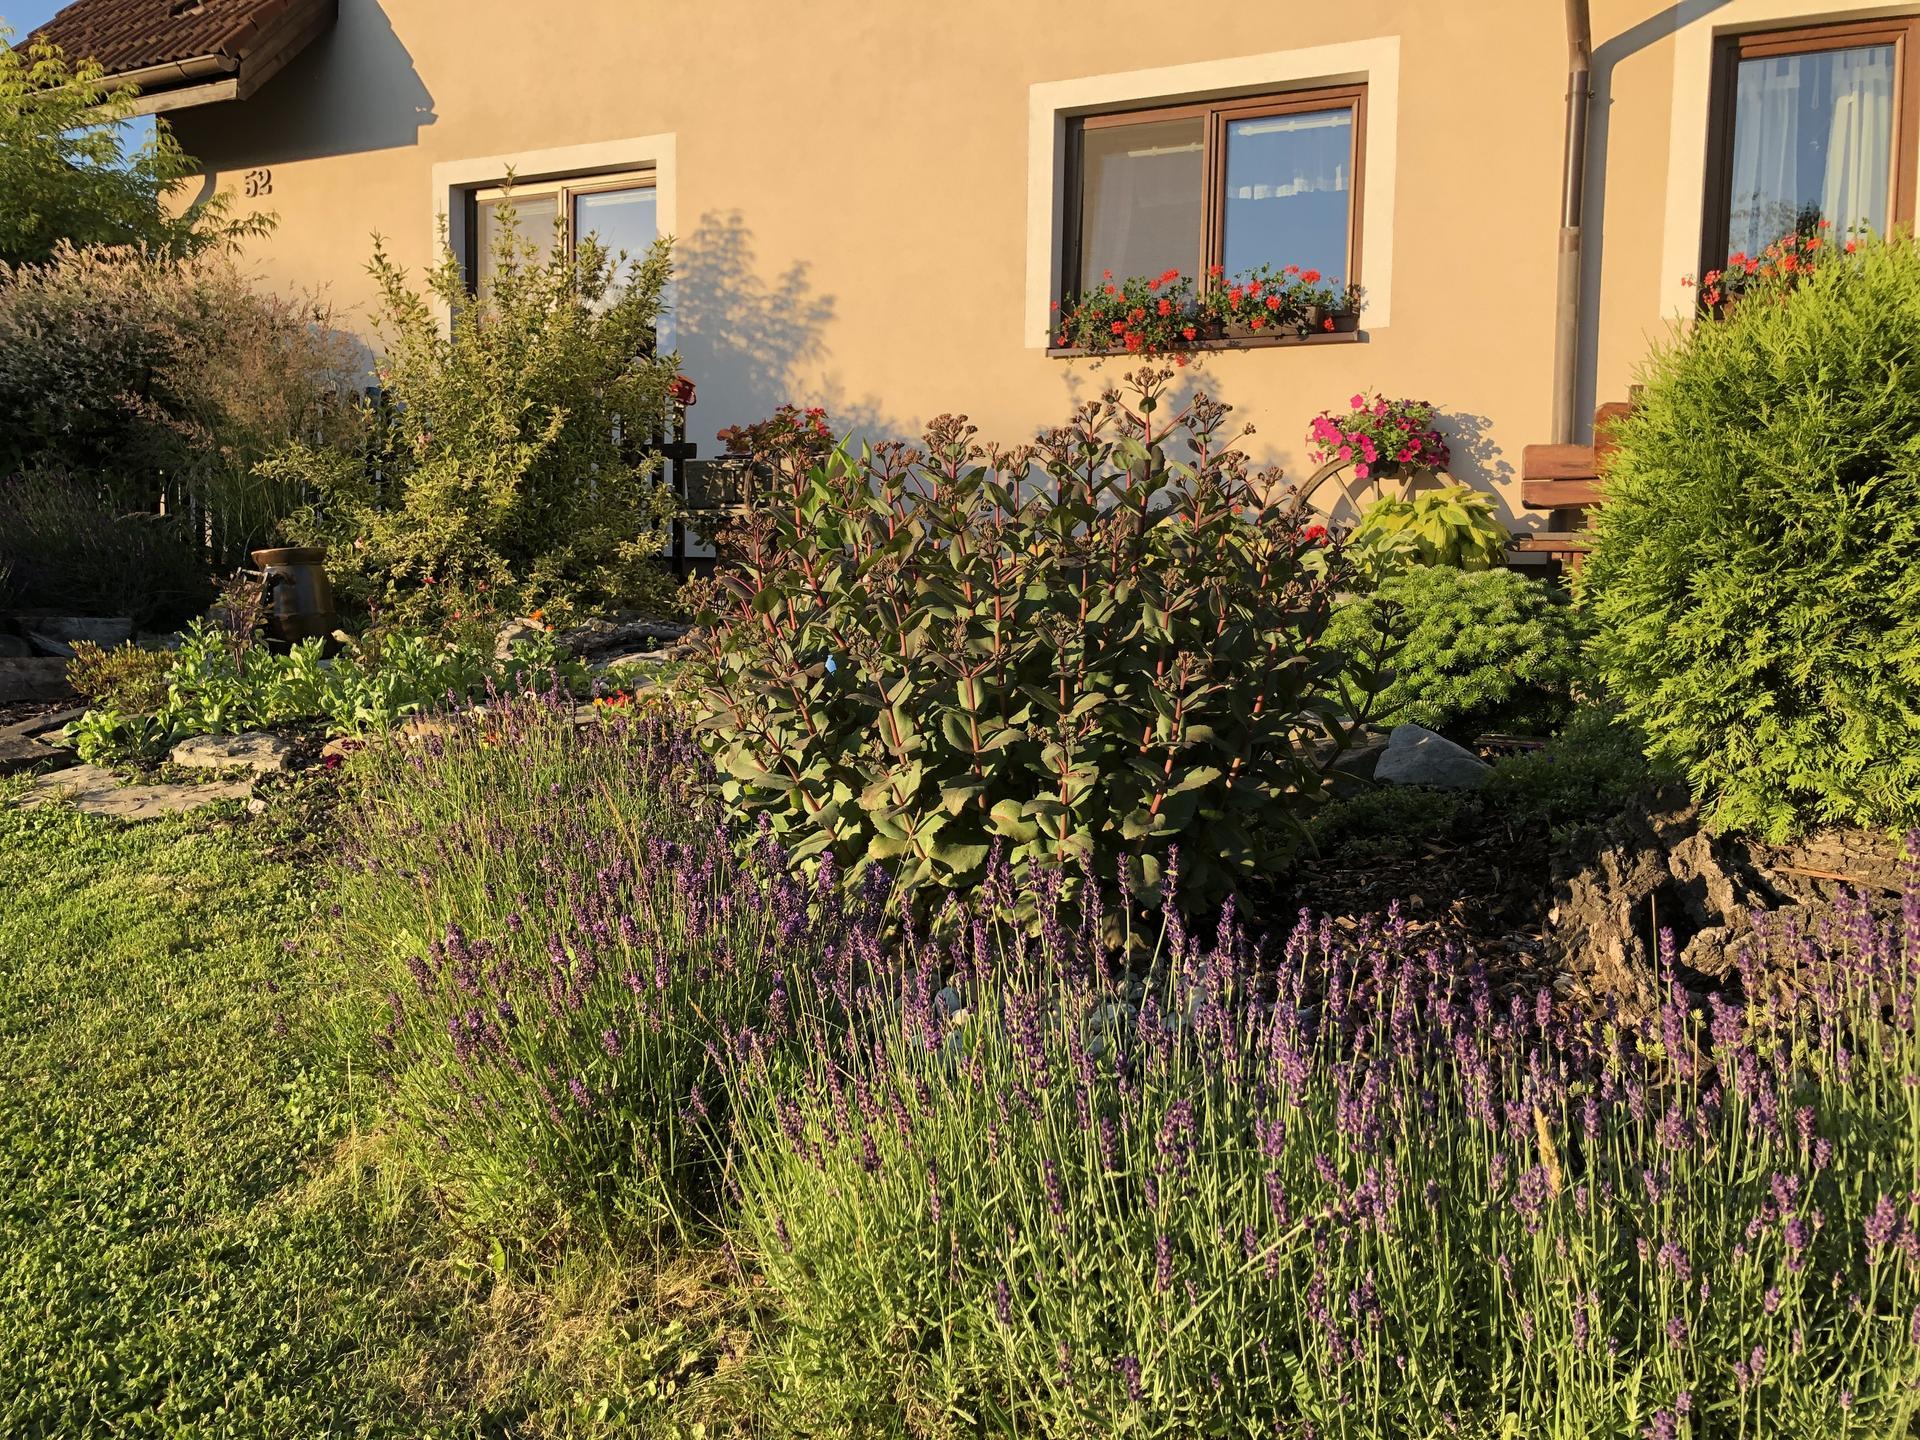 U nás doma a na zahradě 2020 - Obrázek č. 109